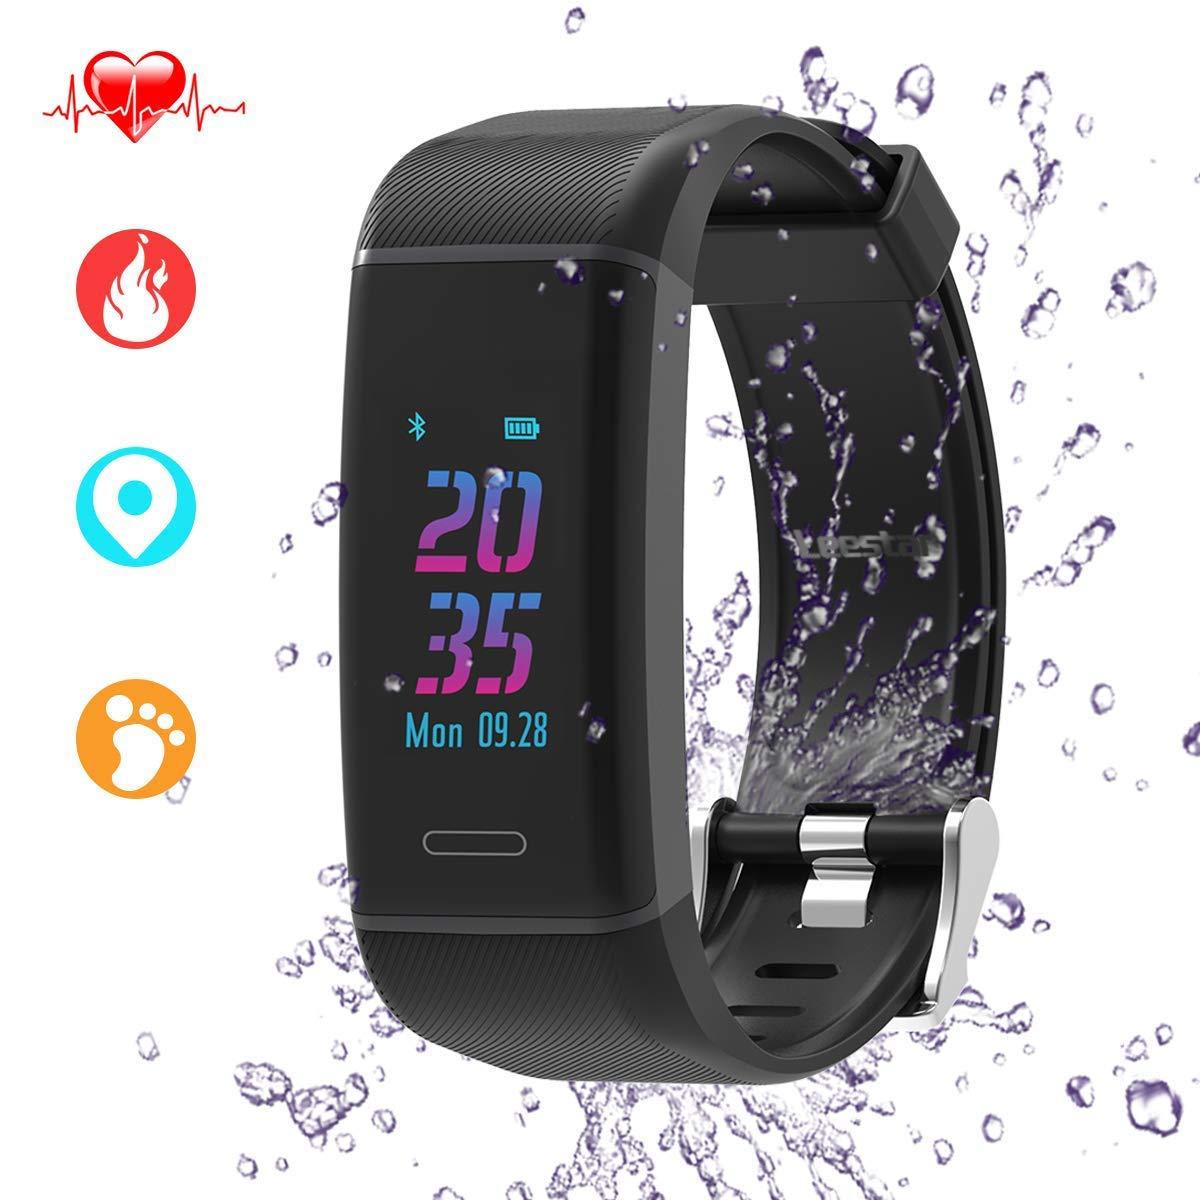 Pulsera Actividad, Leestar Reloj de Pulsera Fitness Inteligentes con Pulsómetros/ Podómetro con GPS Ruta Real/ Monitor de Dormir/ Monitor de Calorías/ ...